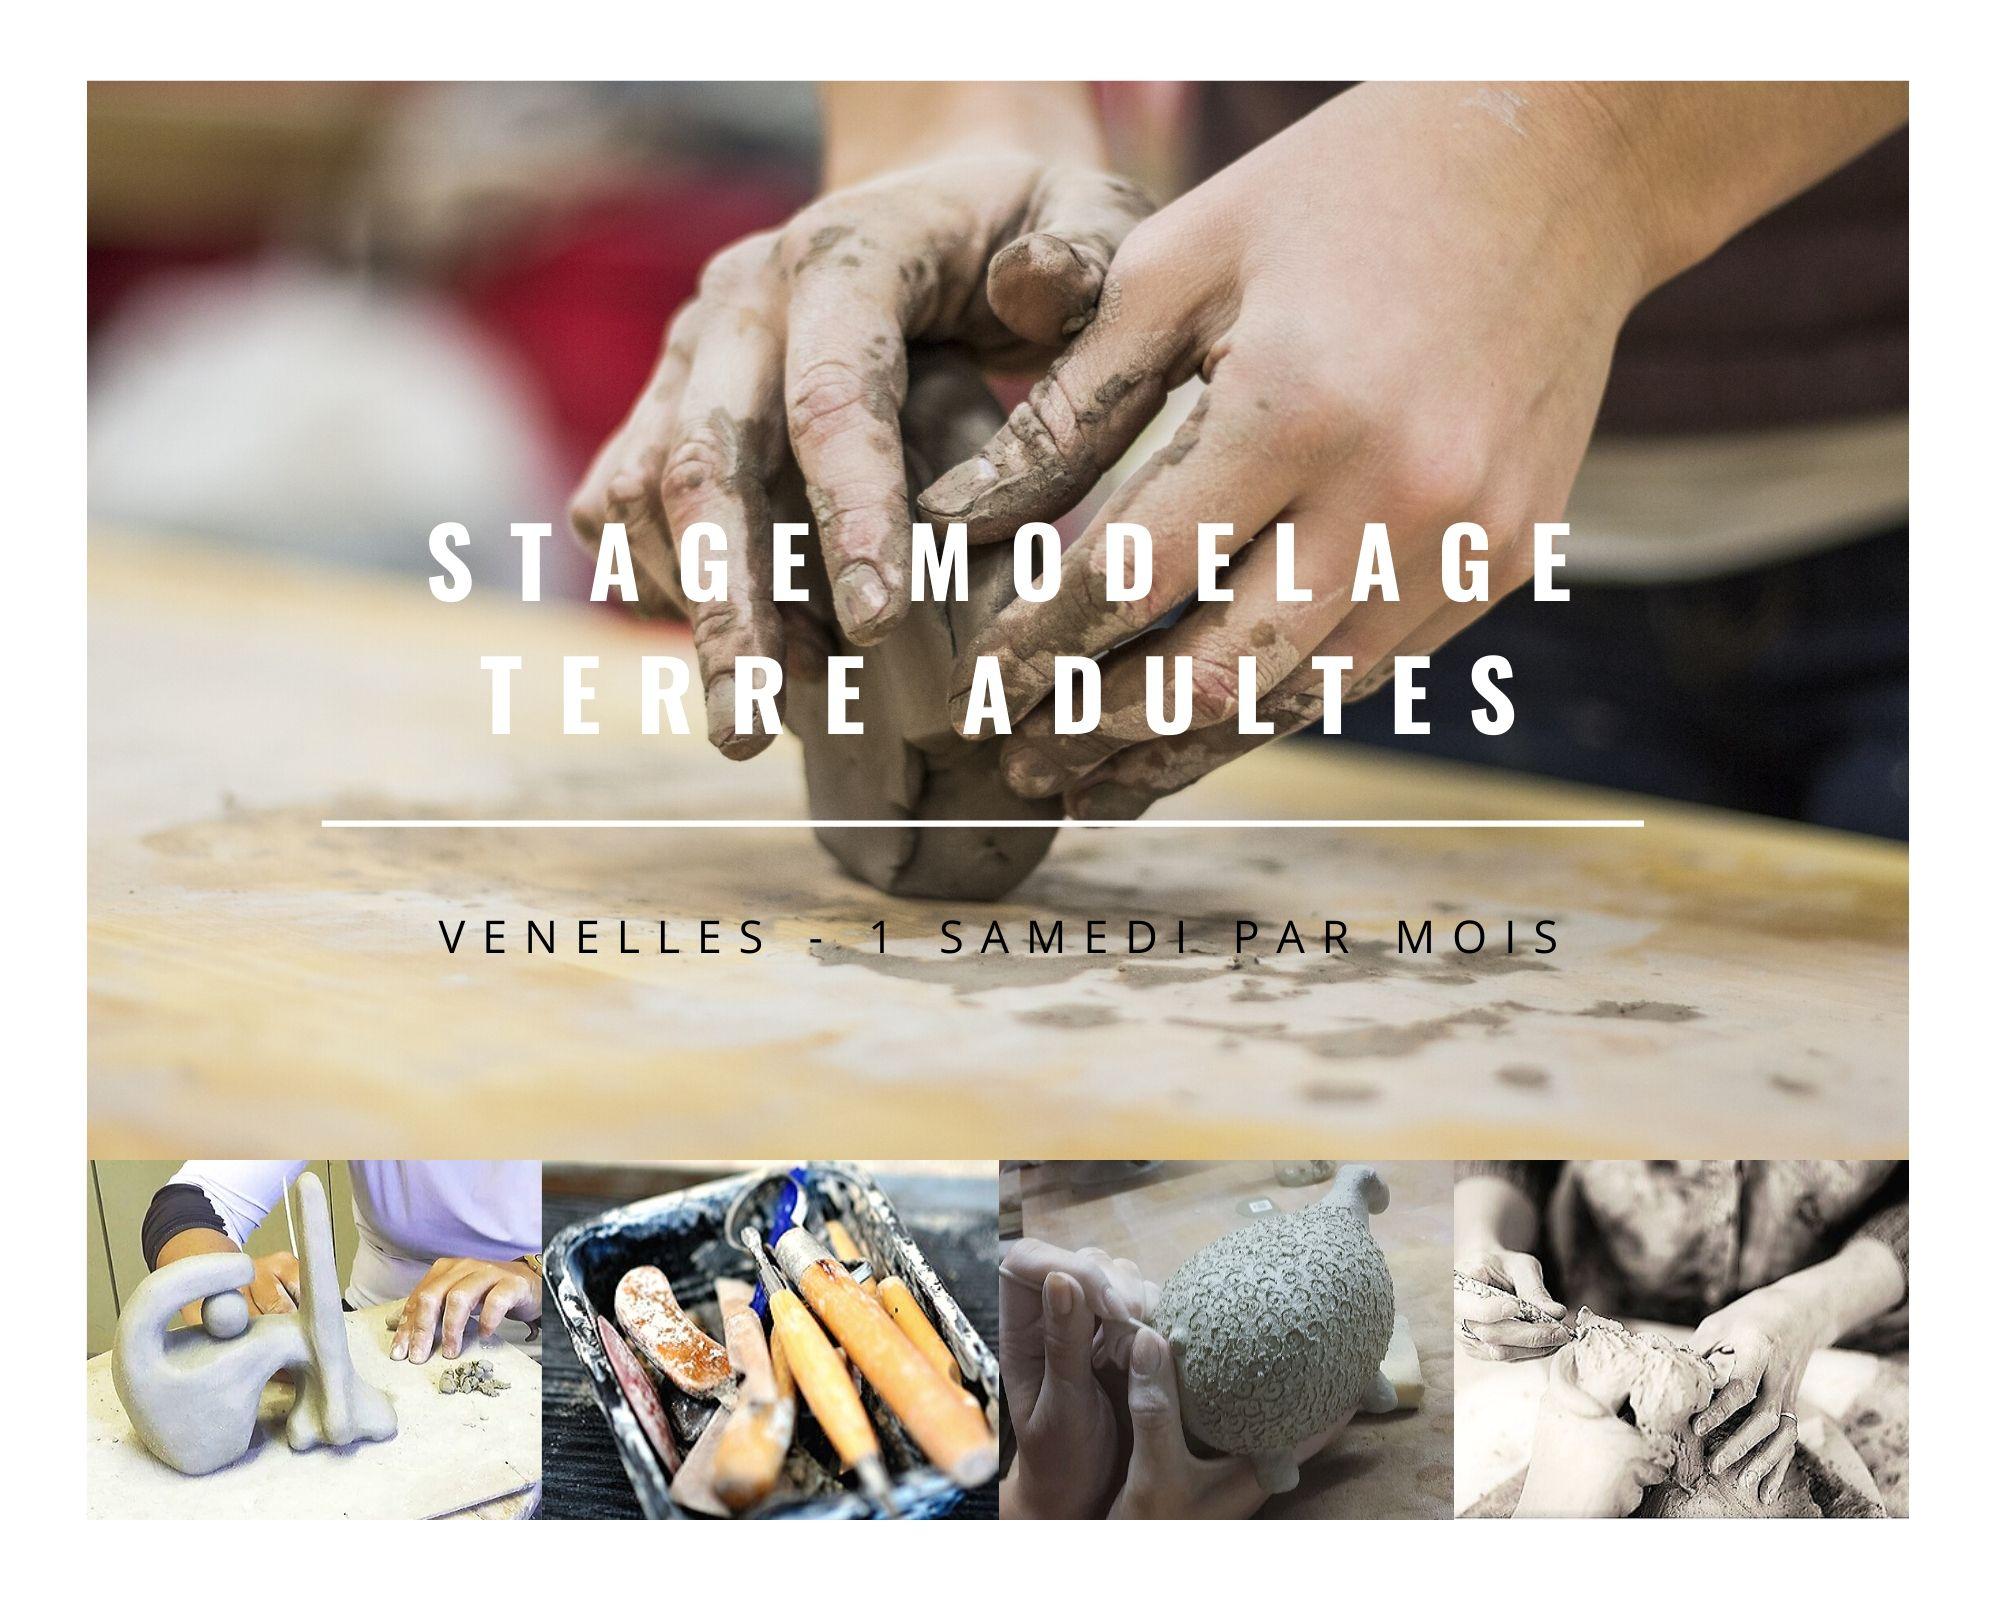 Modelage terre @ L'Entrepôt Espace Chorégraphique et Culturel